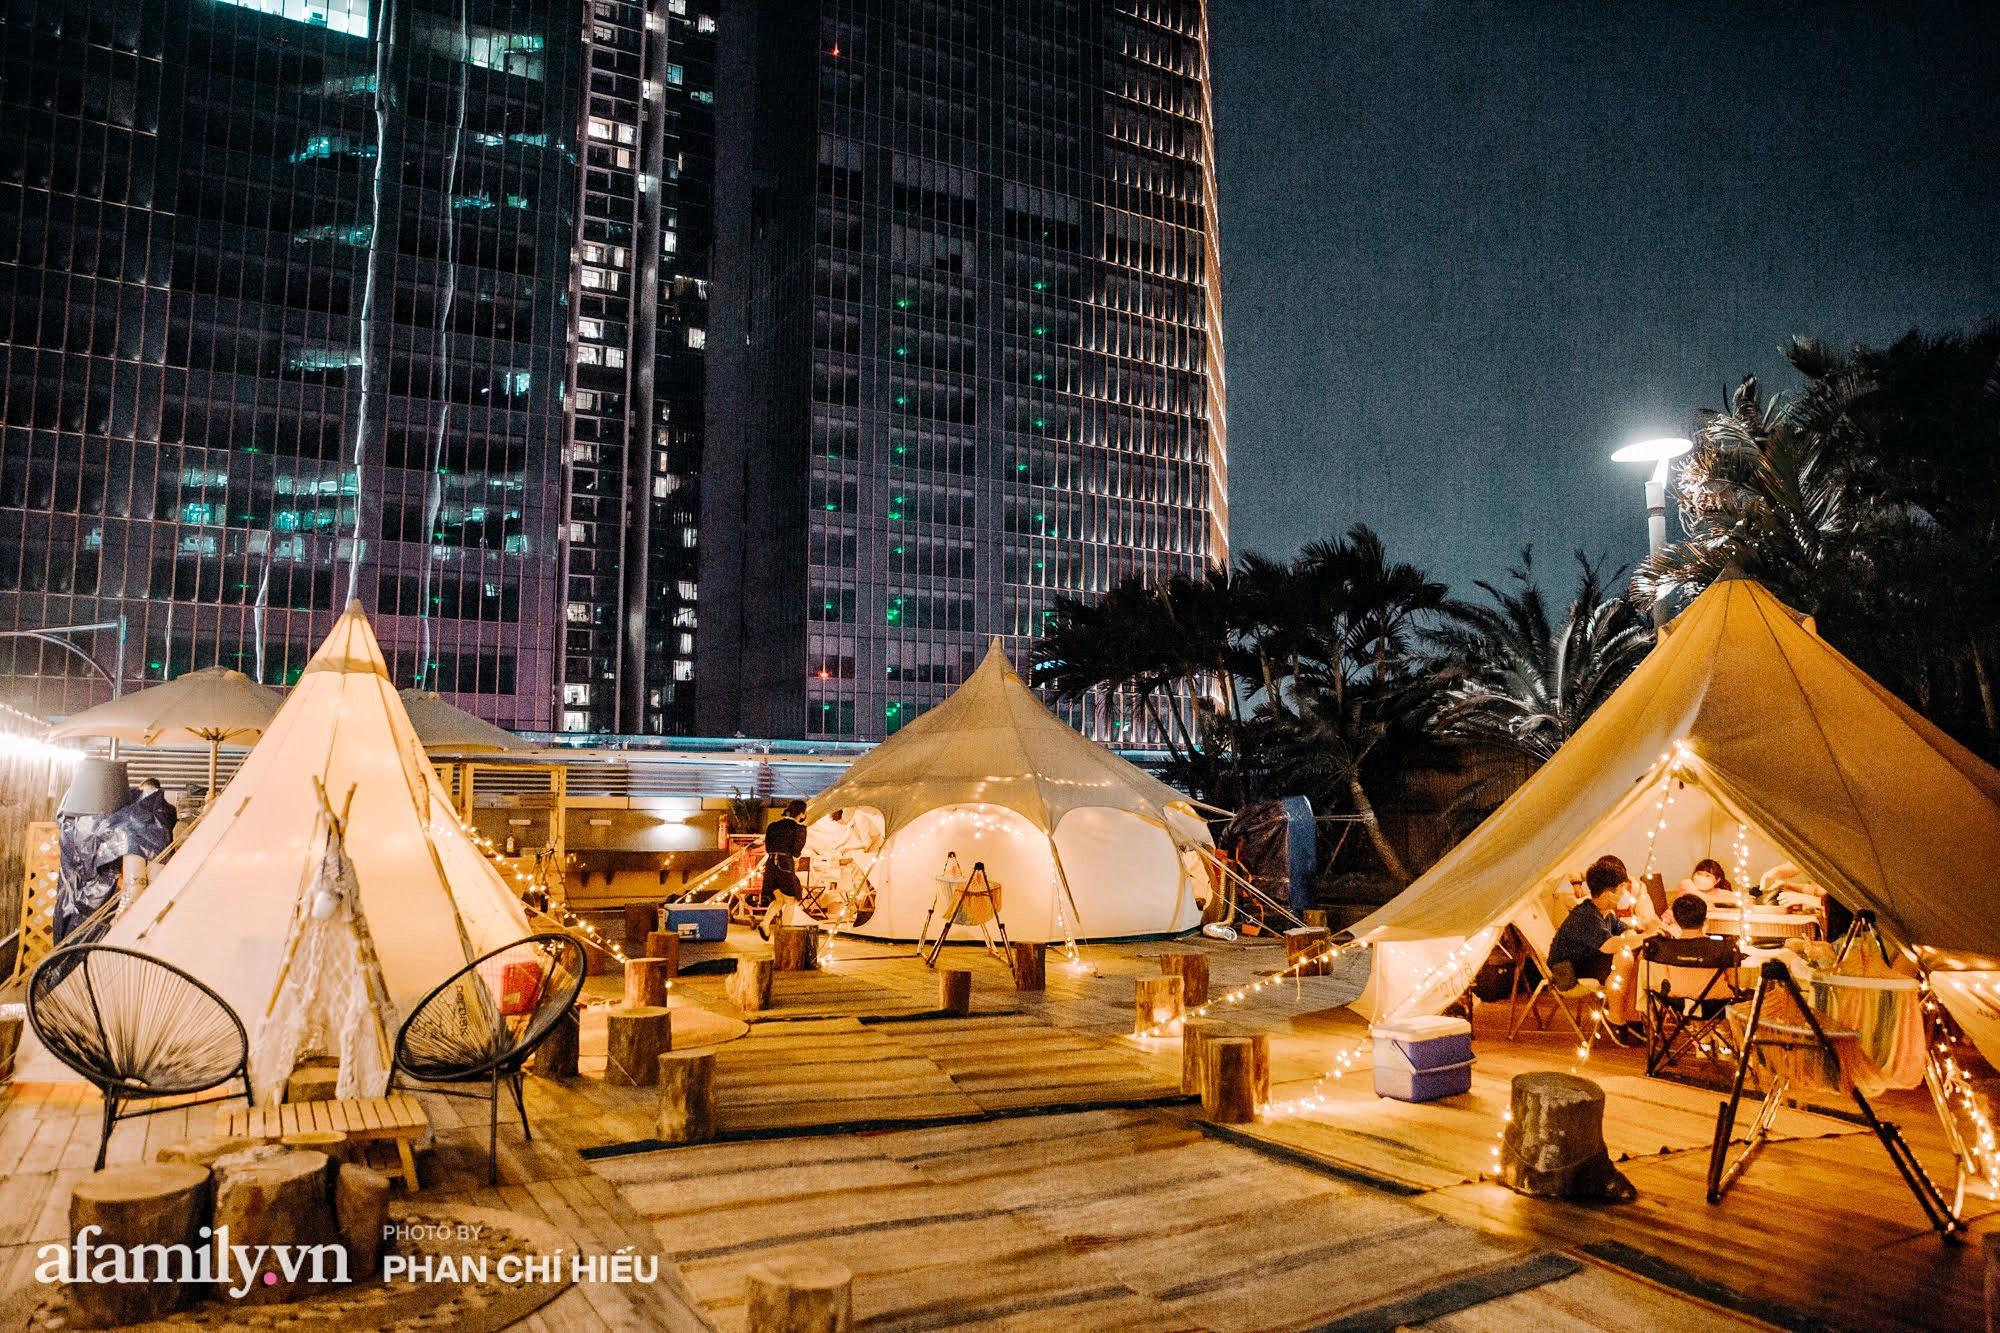 """Siêu Hot: Glamping - Cắm trại xa xỉ trên nóc tòa nhà cao nhất Hà Nội, một khung cảnh """"cam kết"""" đẹp hơn cả trên phim với 1 loạt trải nghiệm vô cùng thú vị dành cho cả gia đình - Ảnh 1."""